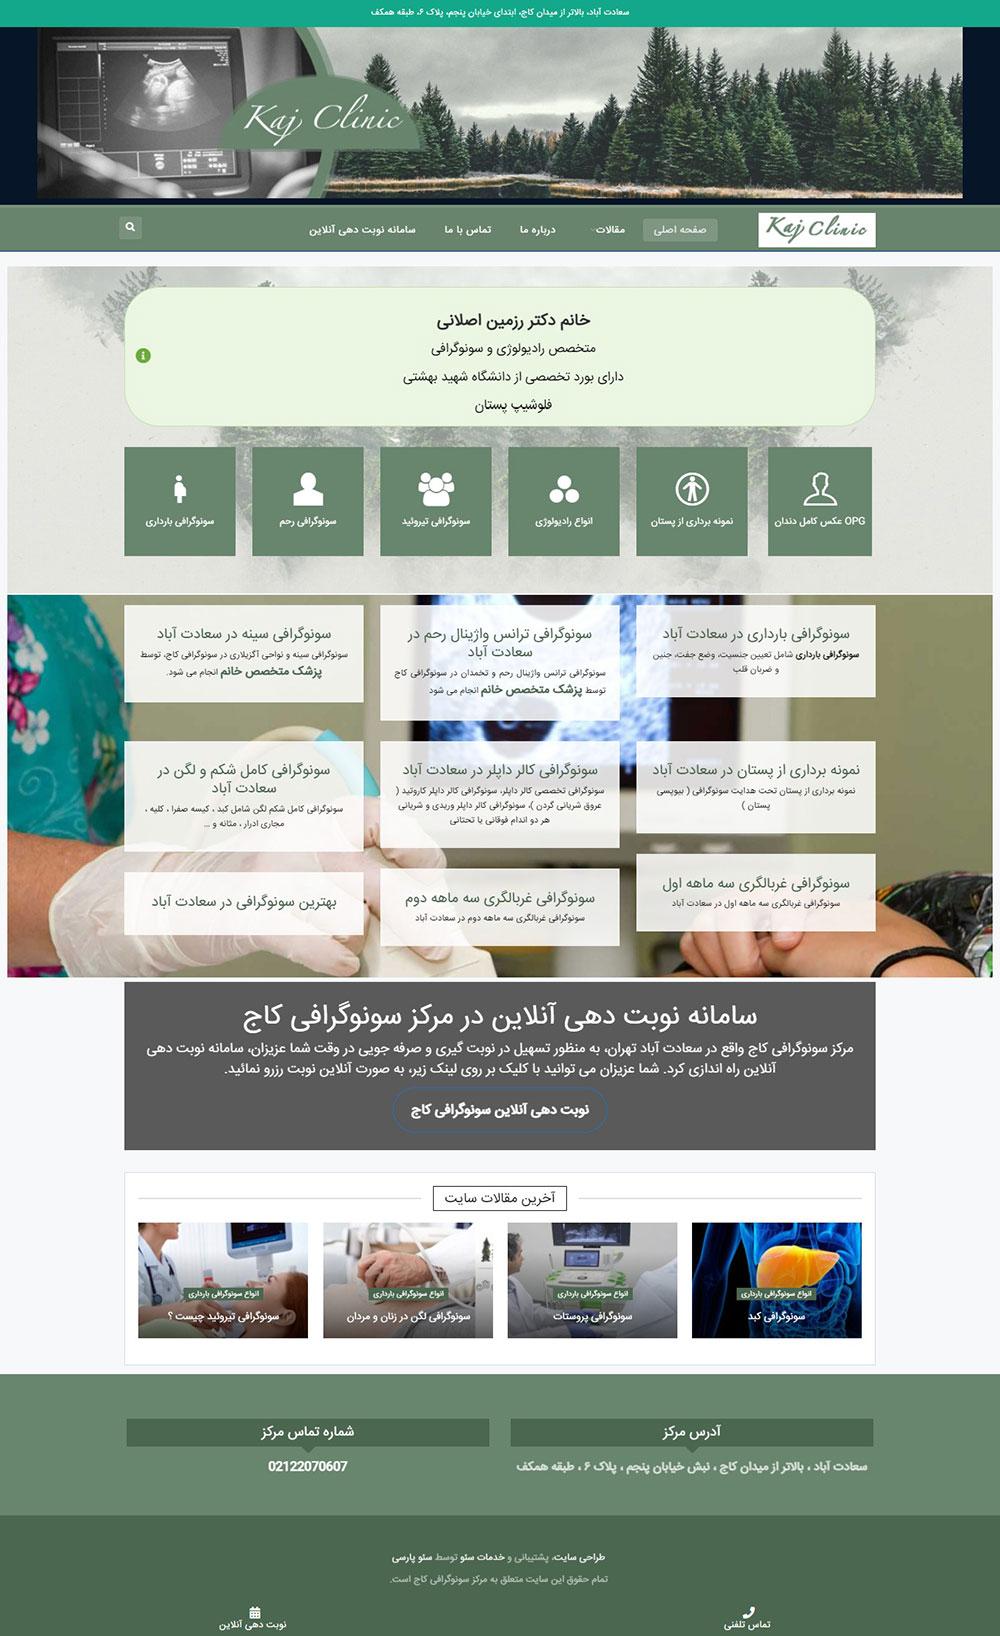 وب سایت سونوگرافی کاج